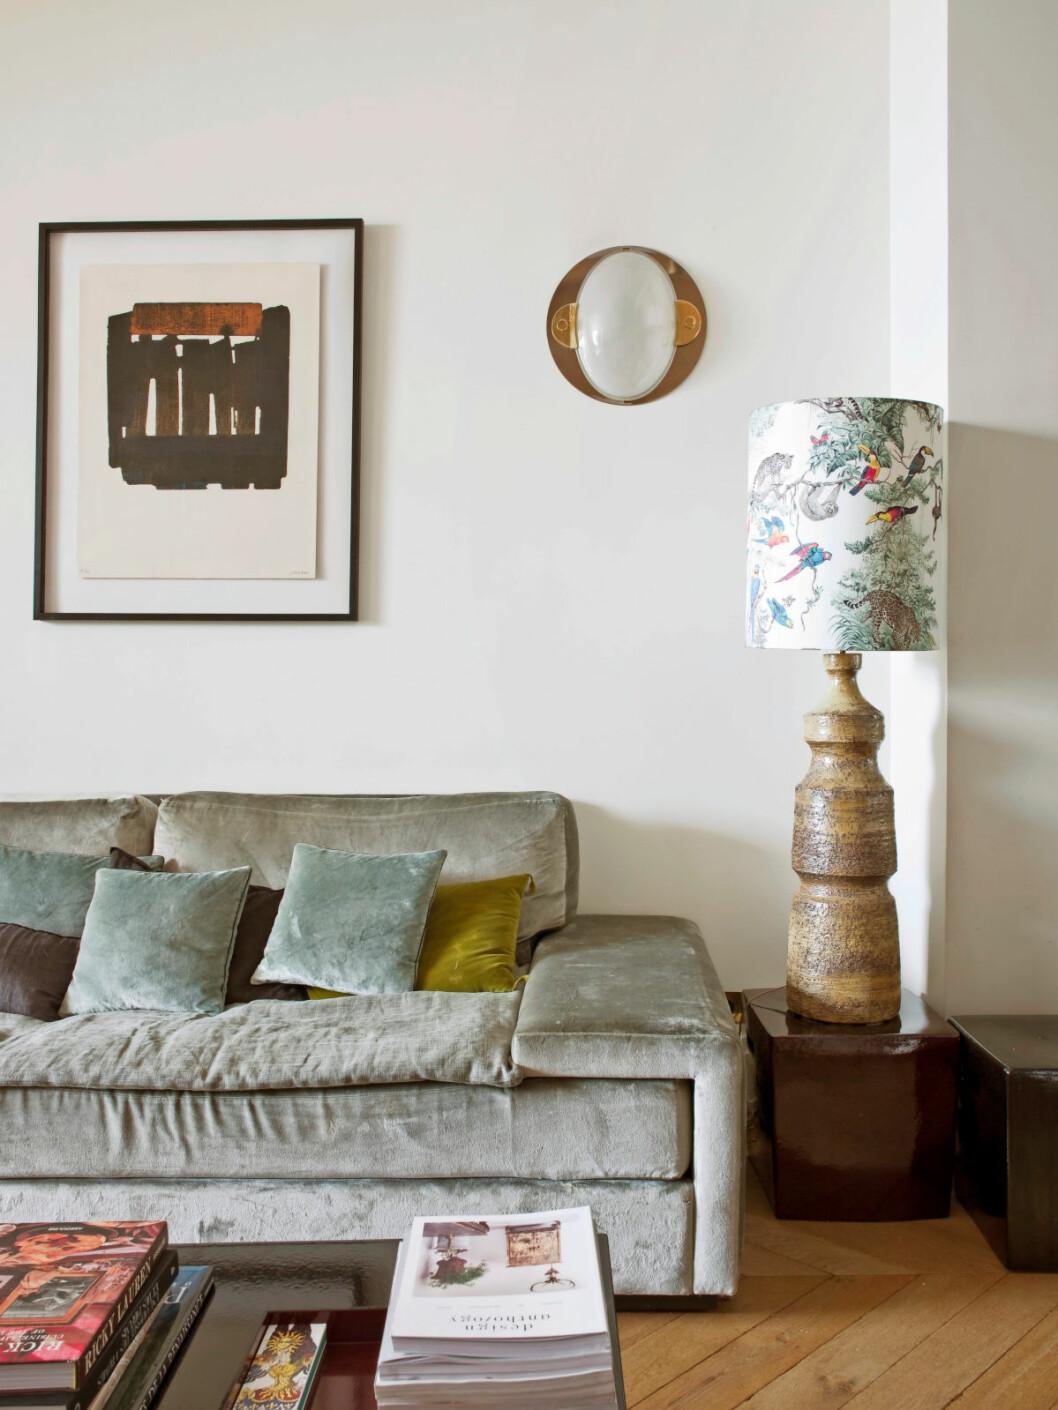 Vardagsrum i Parislägenhet designat av Laura Gonzalez